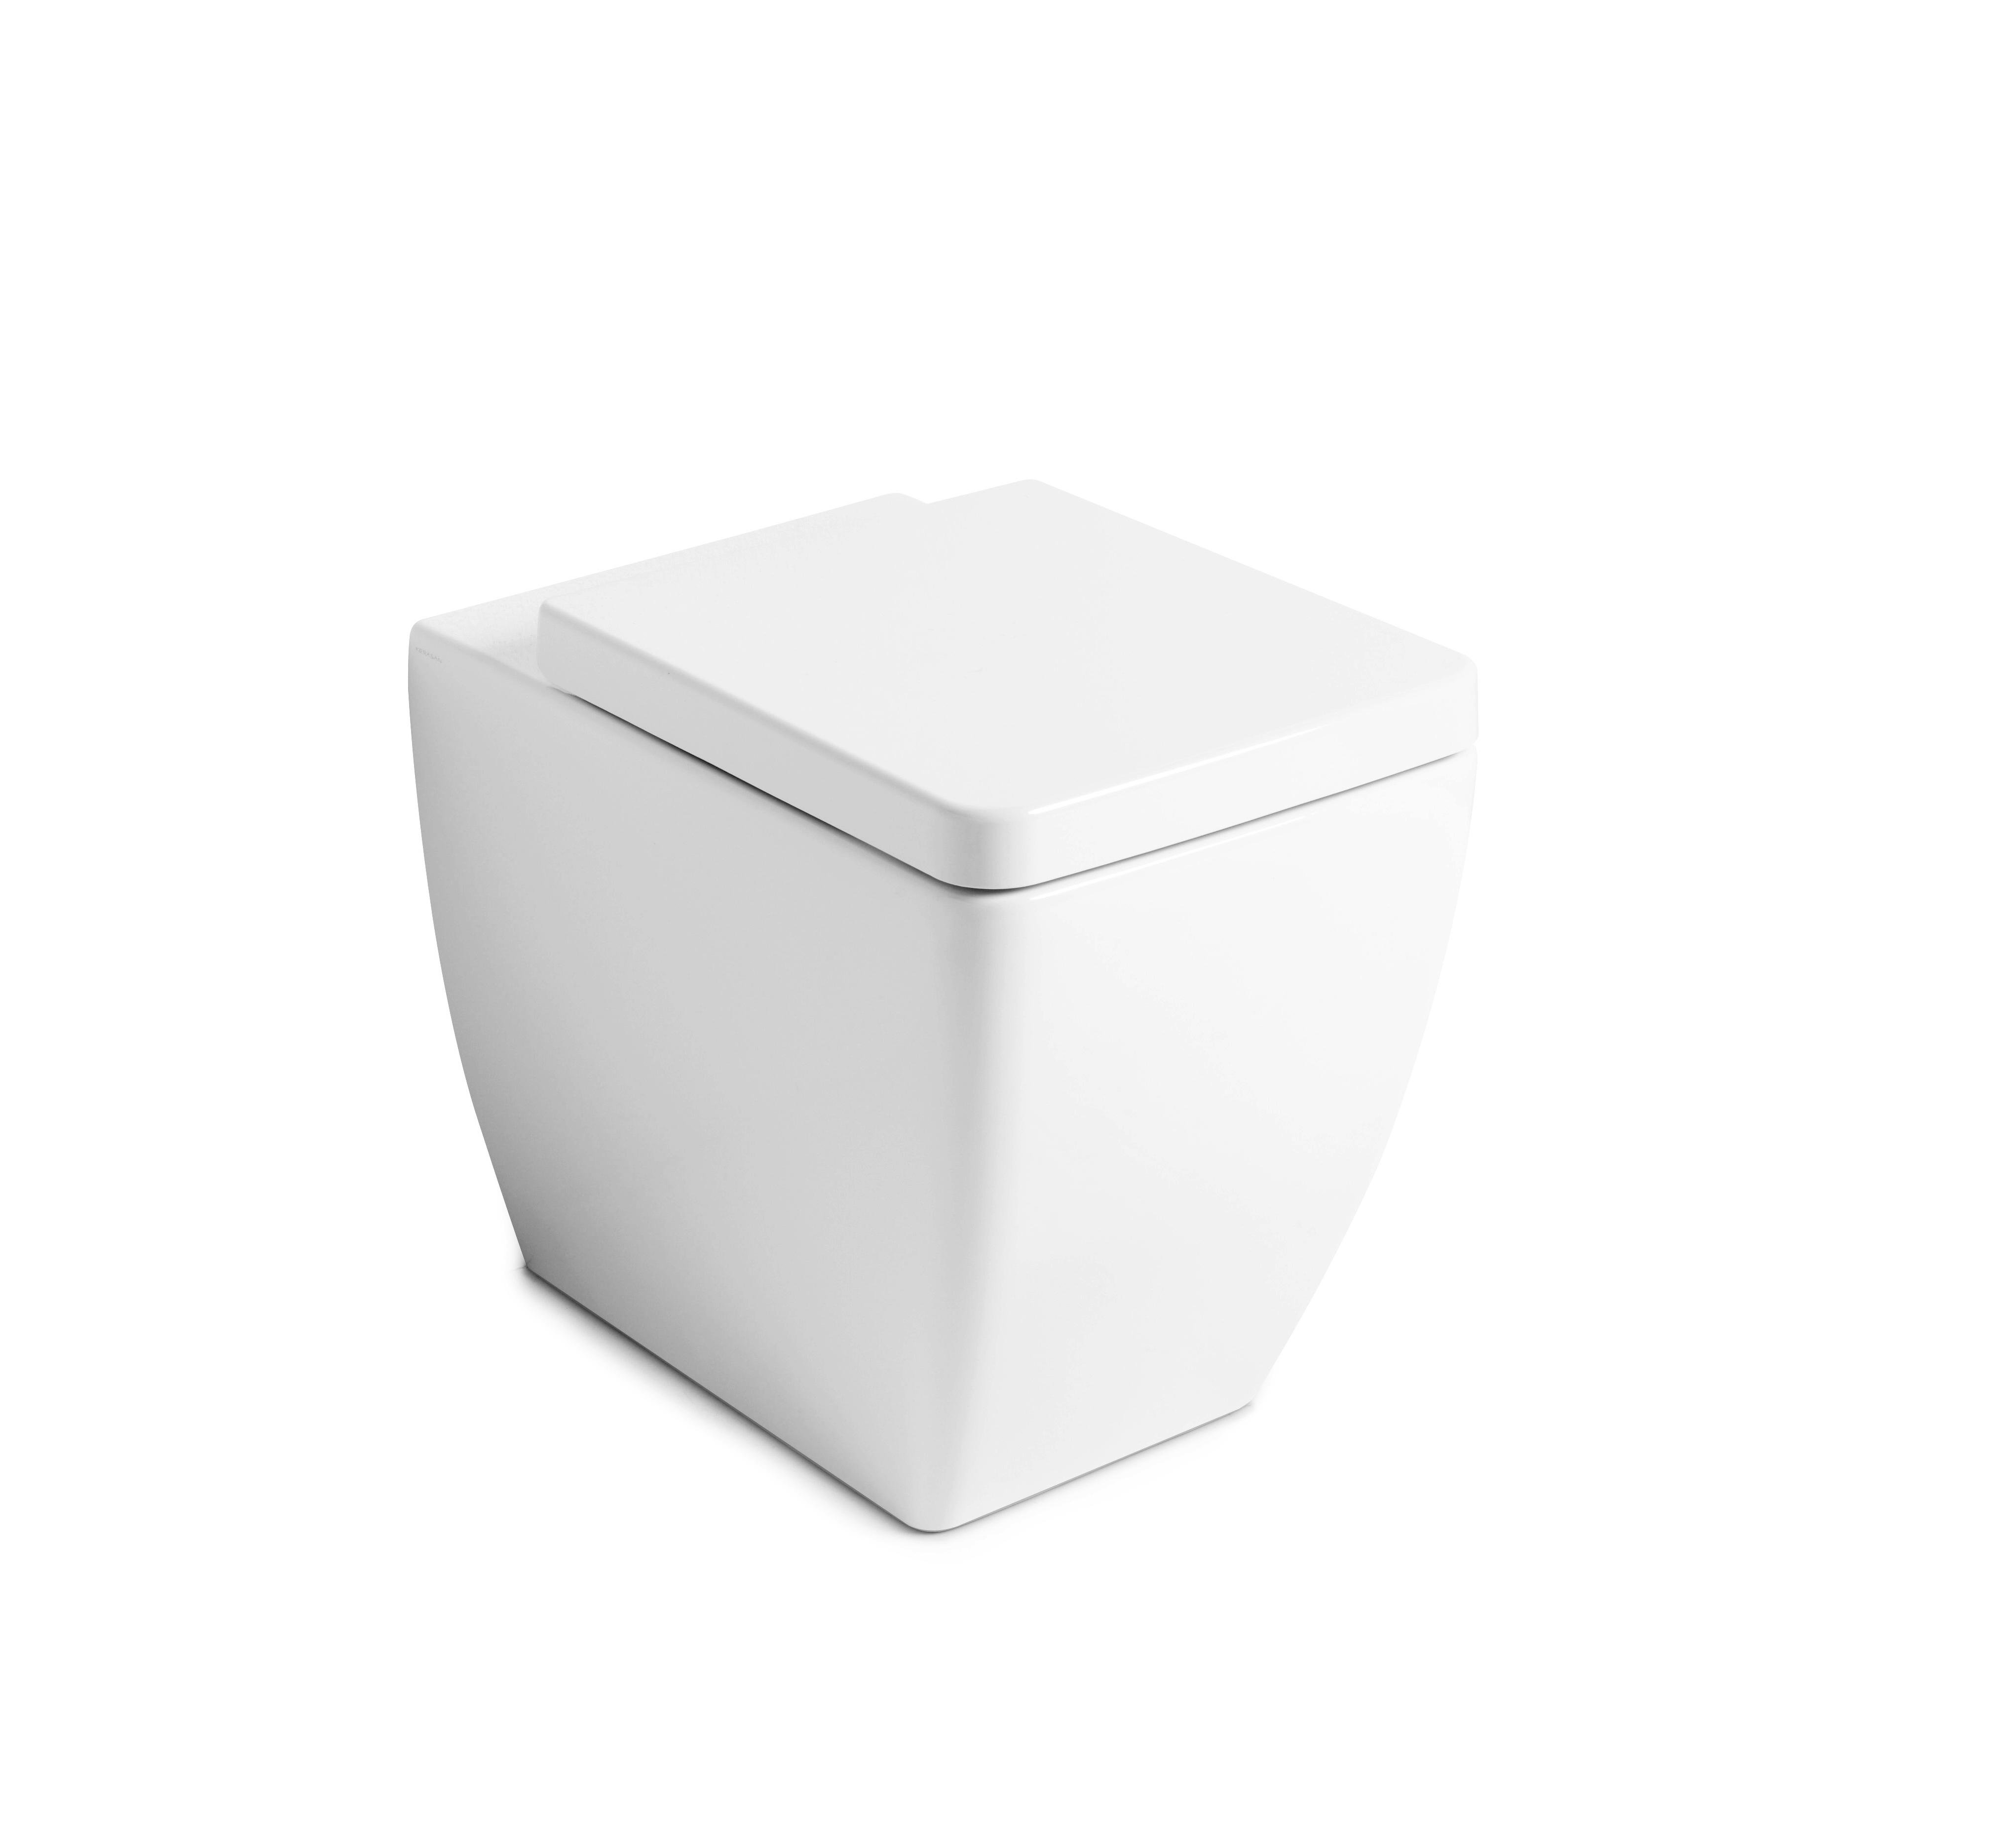 Bathroom Osborne Park Bathroom: Product Luxury Bathroom Products::Osborne Park